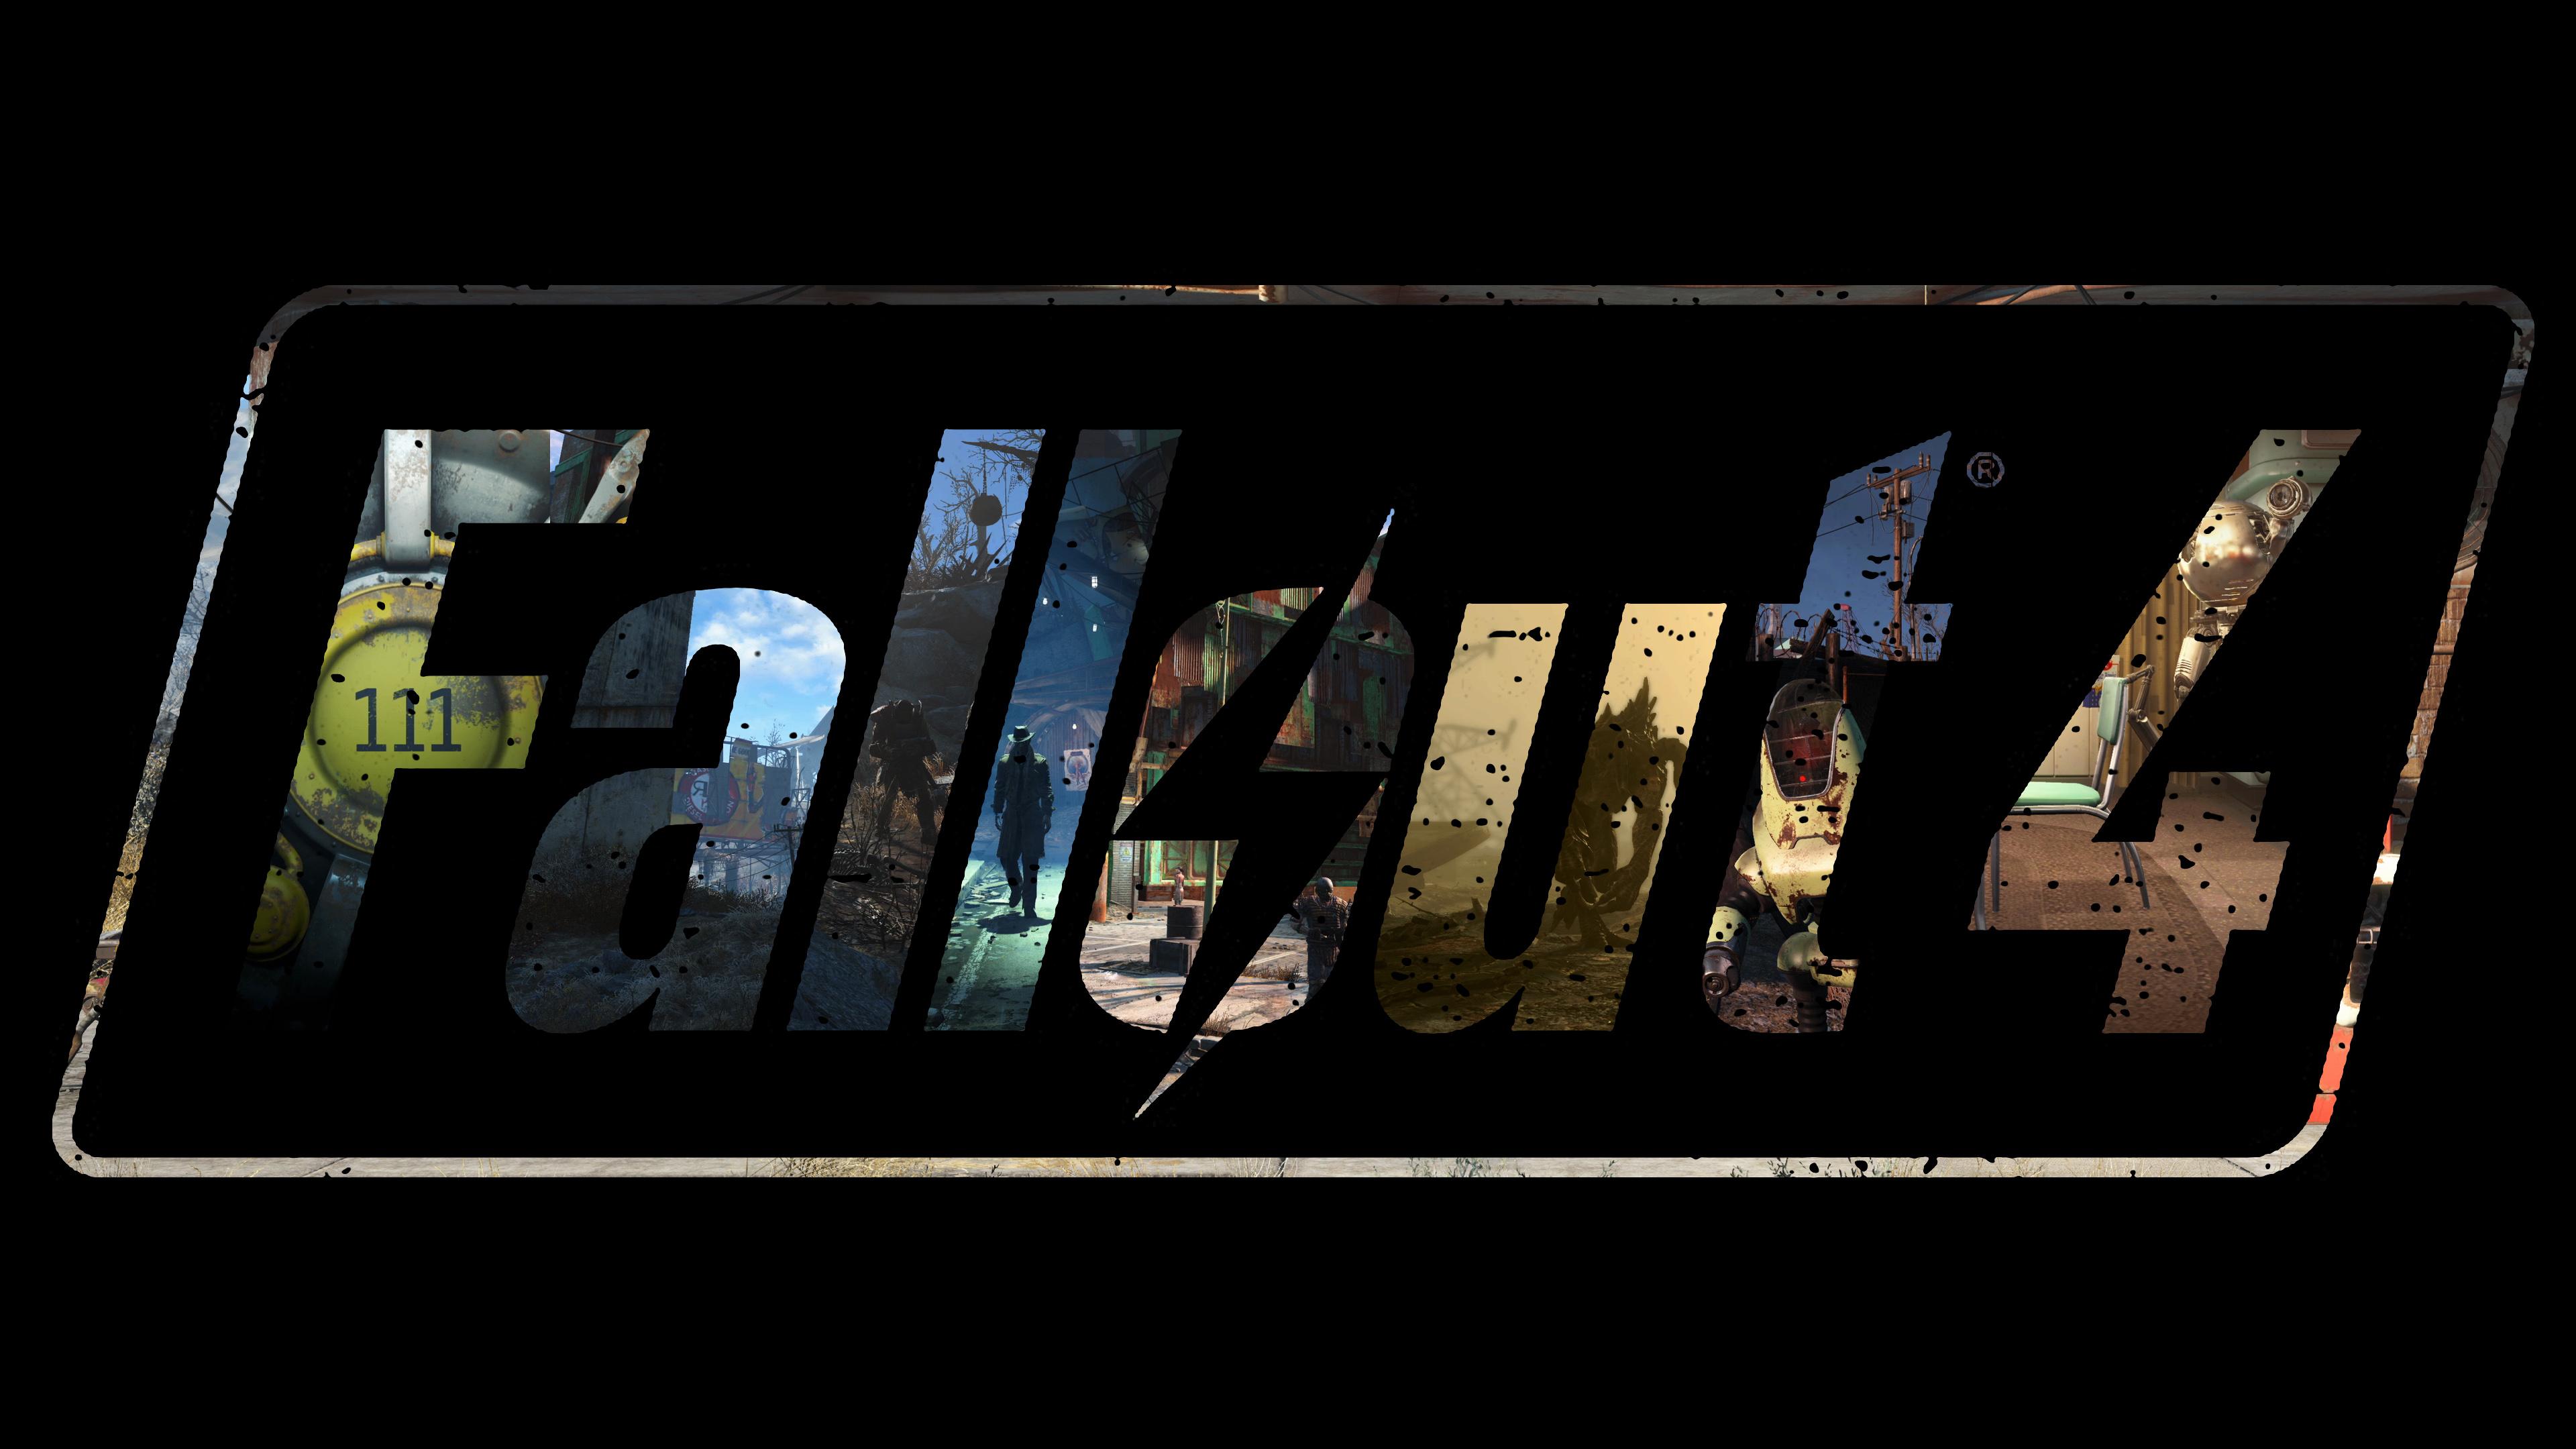 1080p fallout 4 wallpaper.